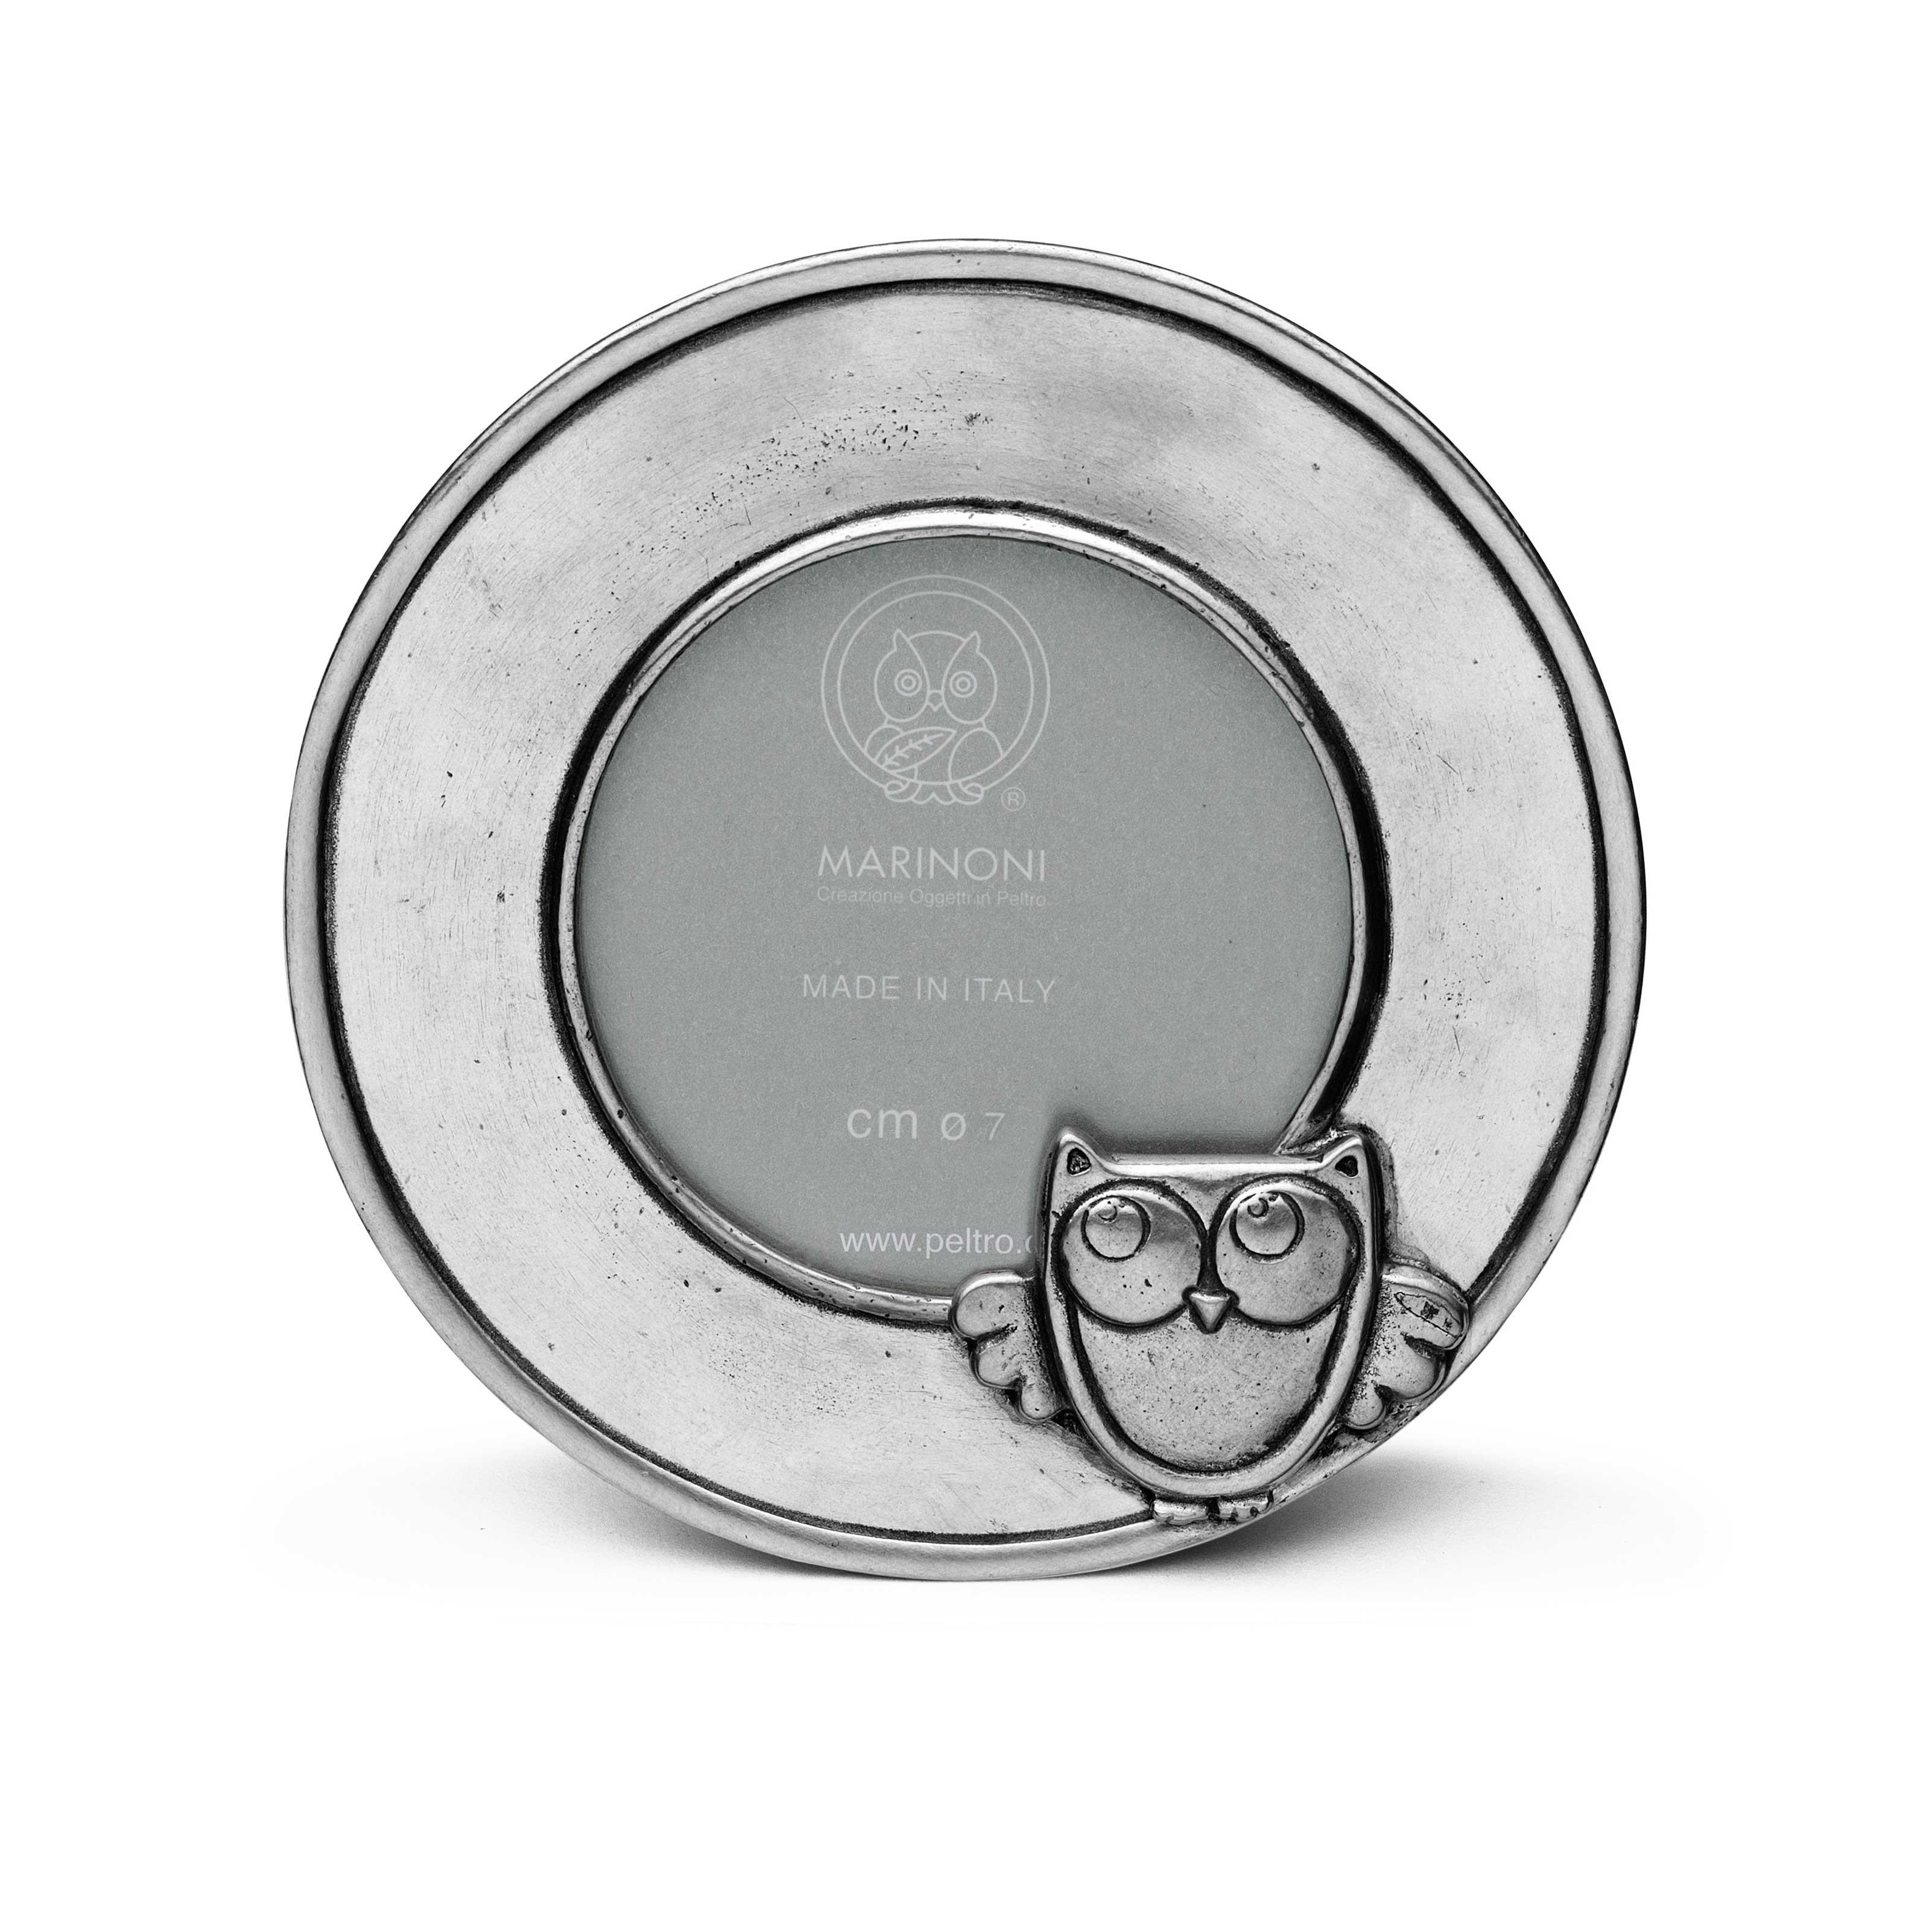 Bilderrahmen Baby, rund ø 10,5 cm (ø 7 cm) | Peltro - pewter shop online